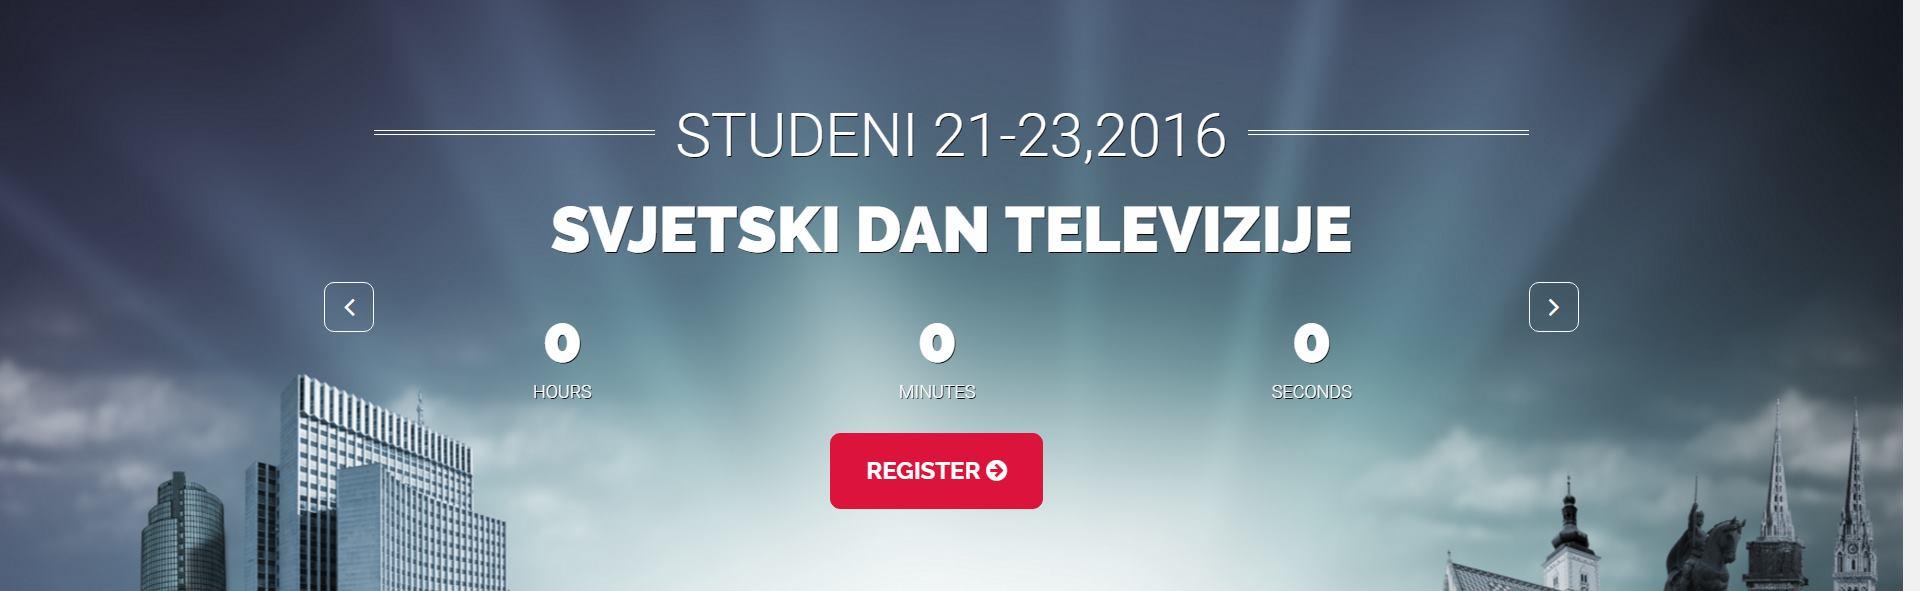 Program sajma i kongresa 'Digitalno doba 2' povodom obilježavanja Svjetskog dana televizije